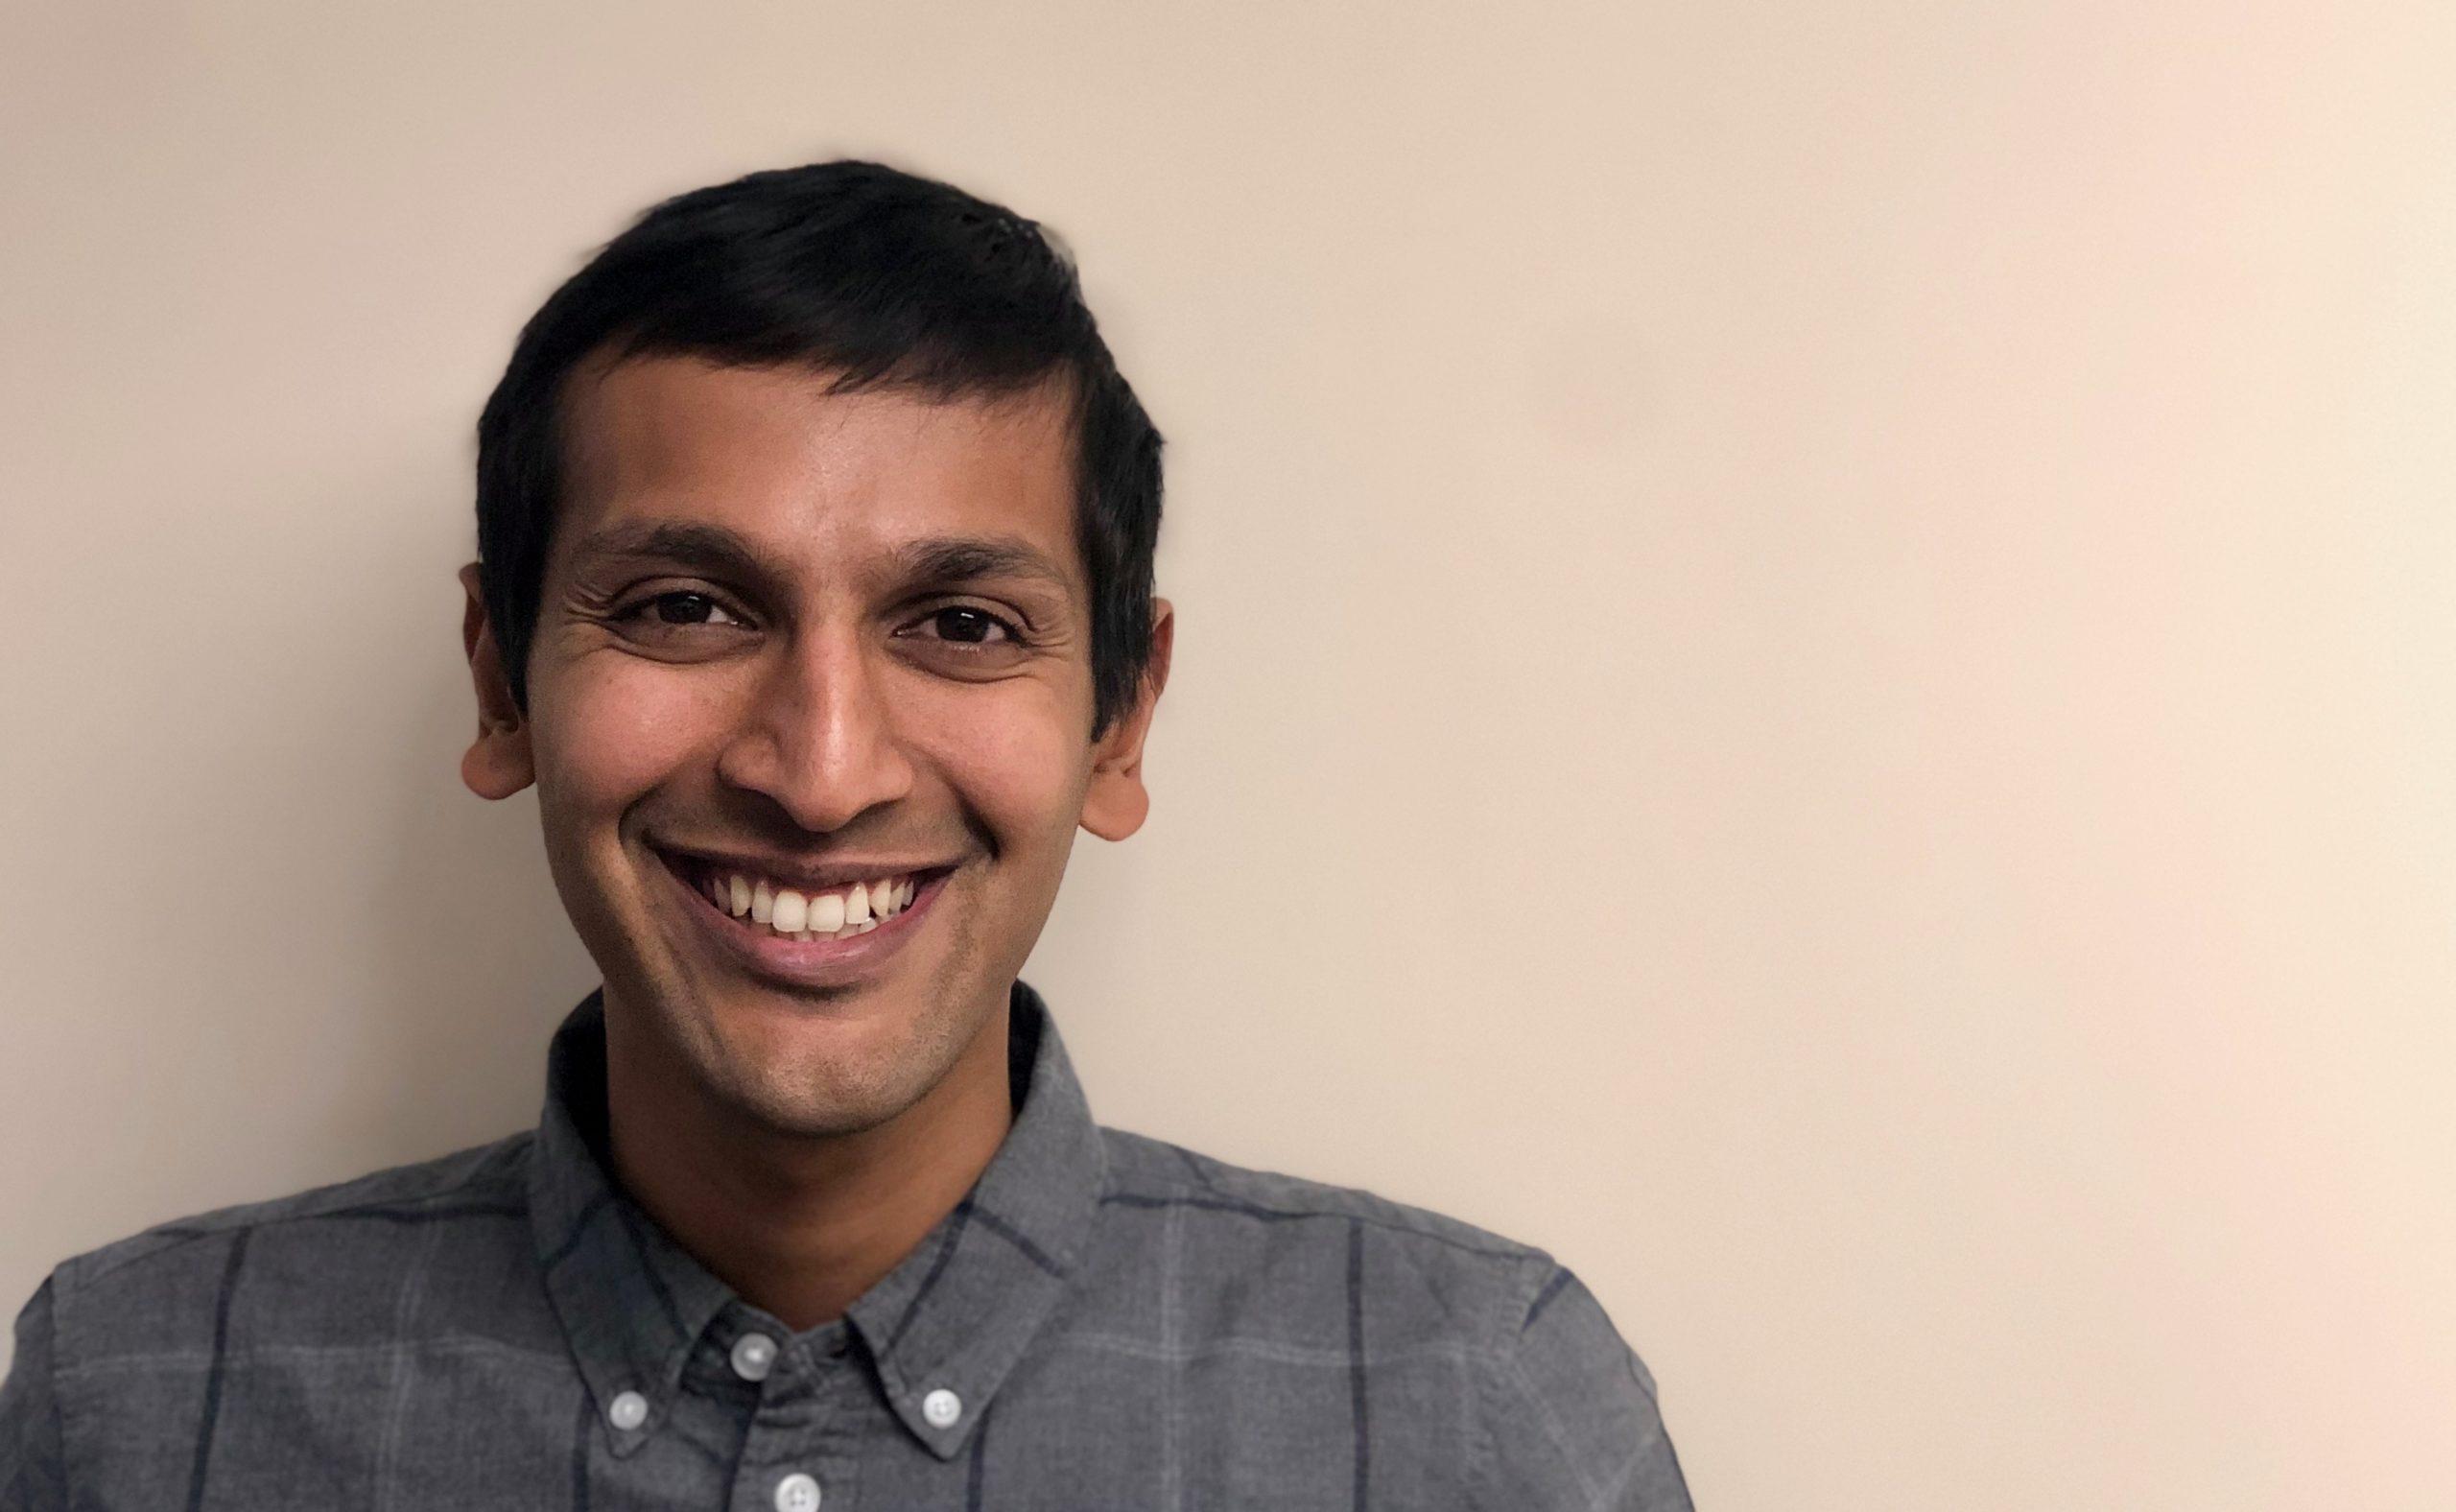 SEI25 Series: Azeez Gupta, MBA 2019